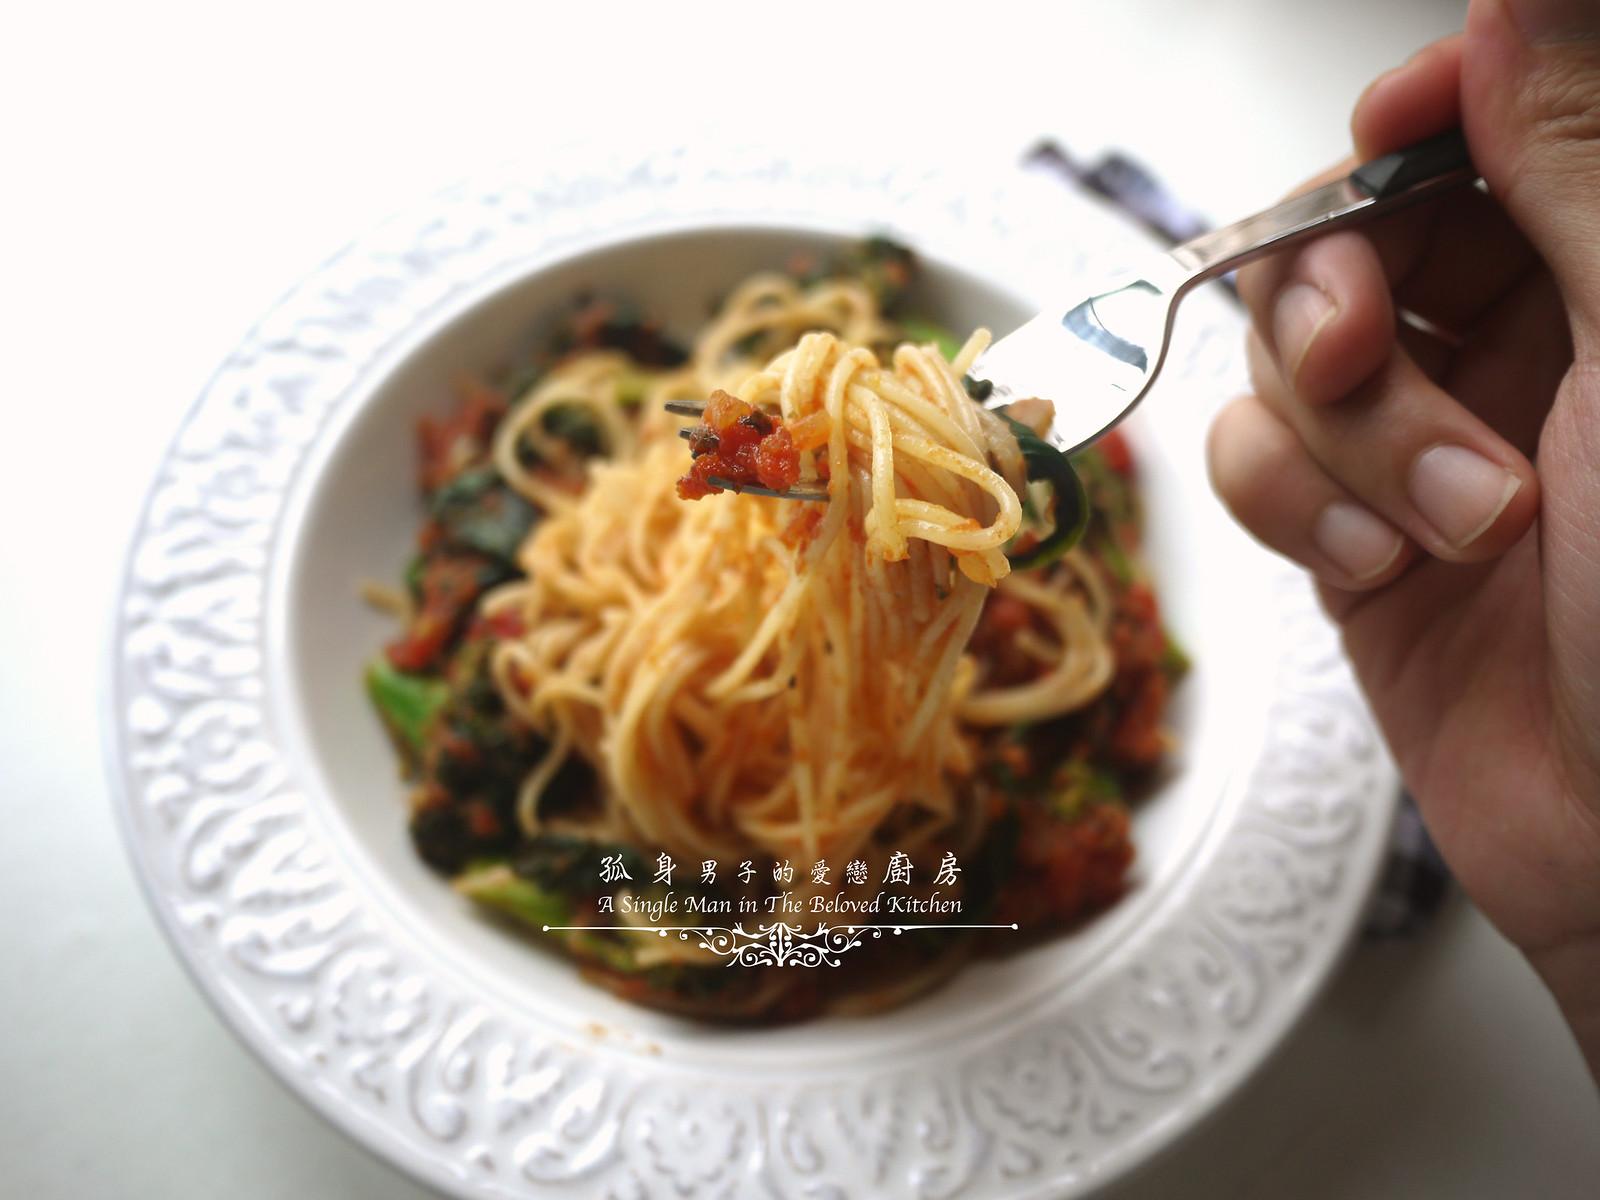 孤身廚房-義大利茄汁紅醬罐頭--自己的紅醬罐頭自己做。不求人41